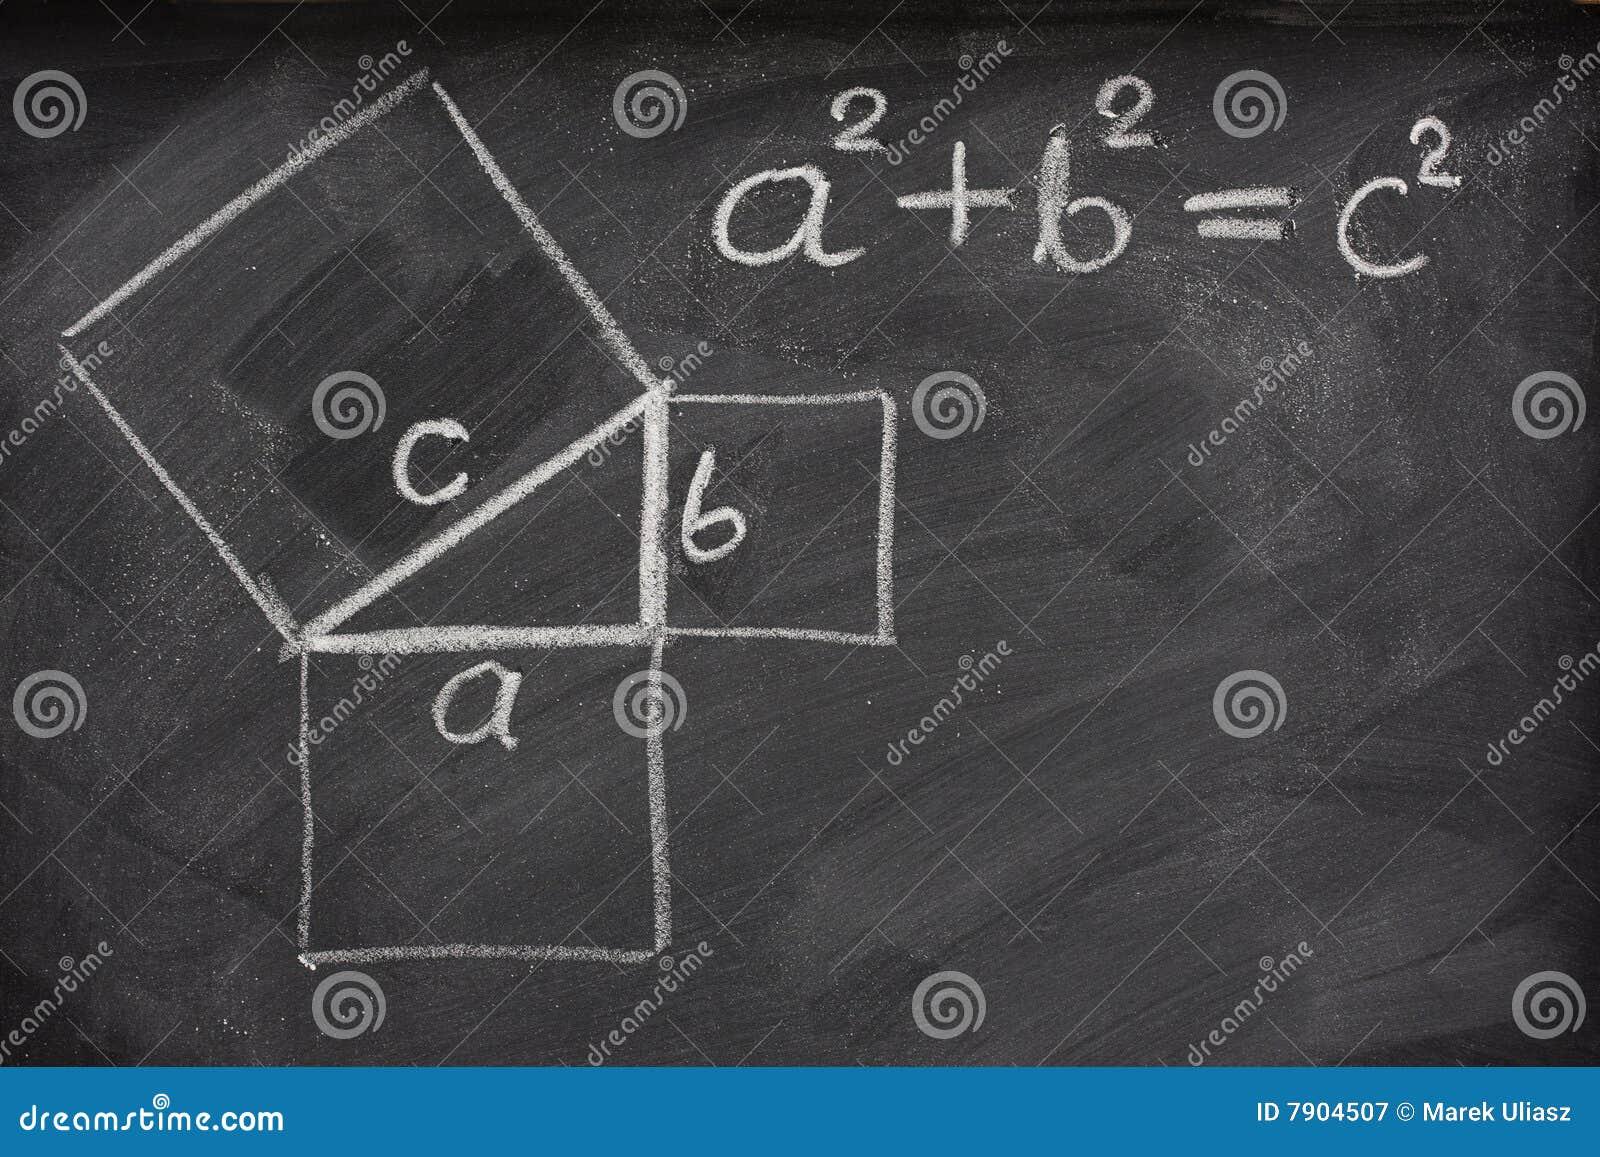 Теорема невесты почему так называется